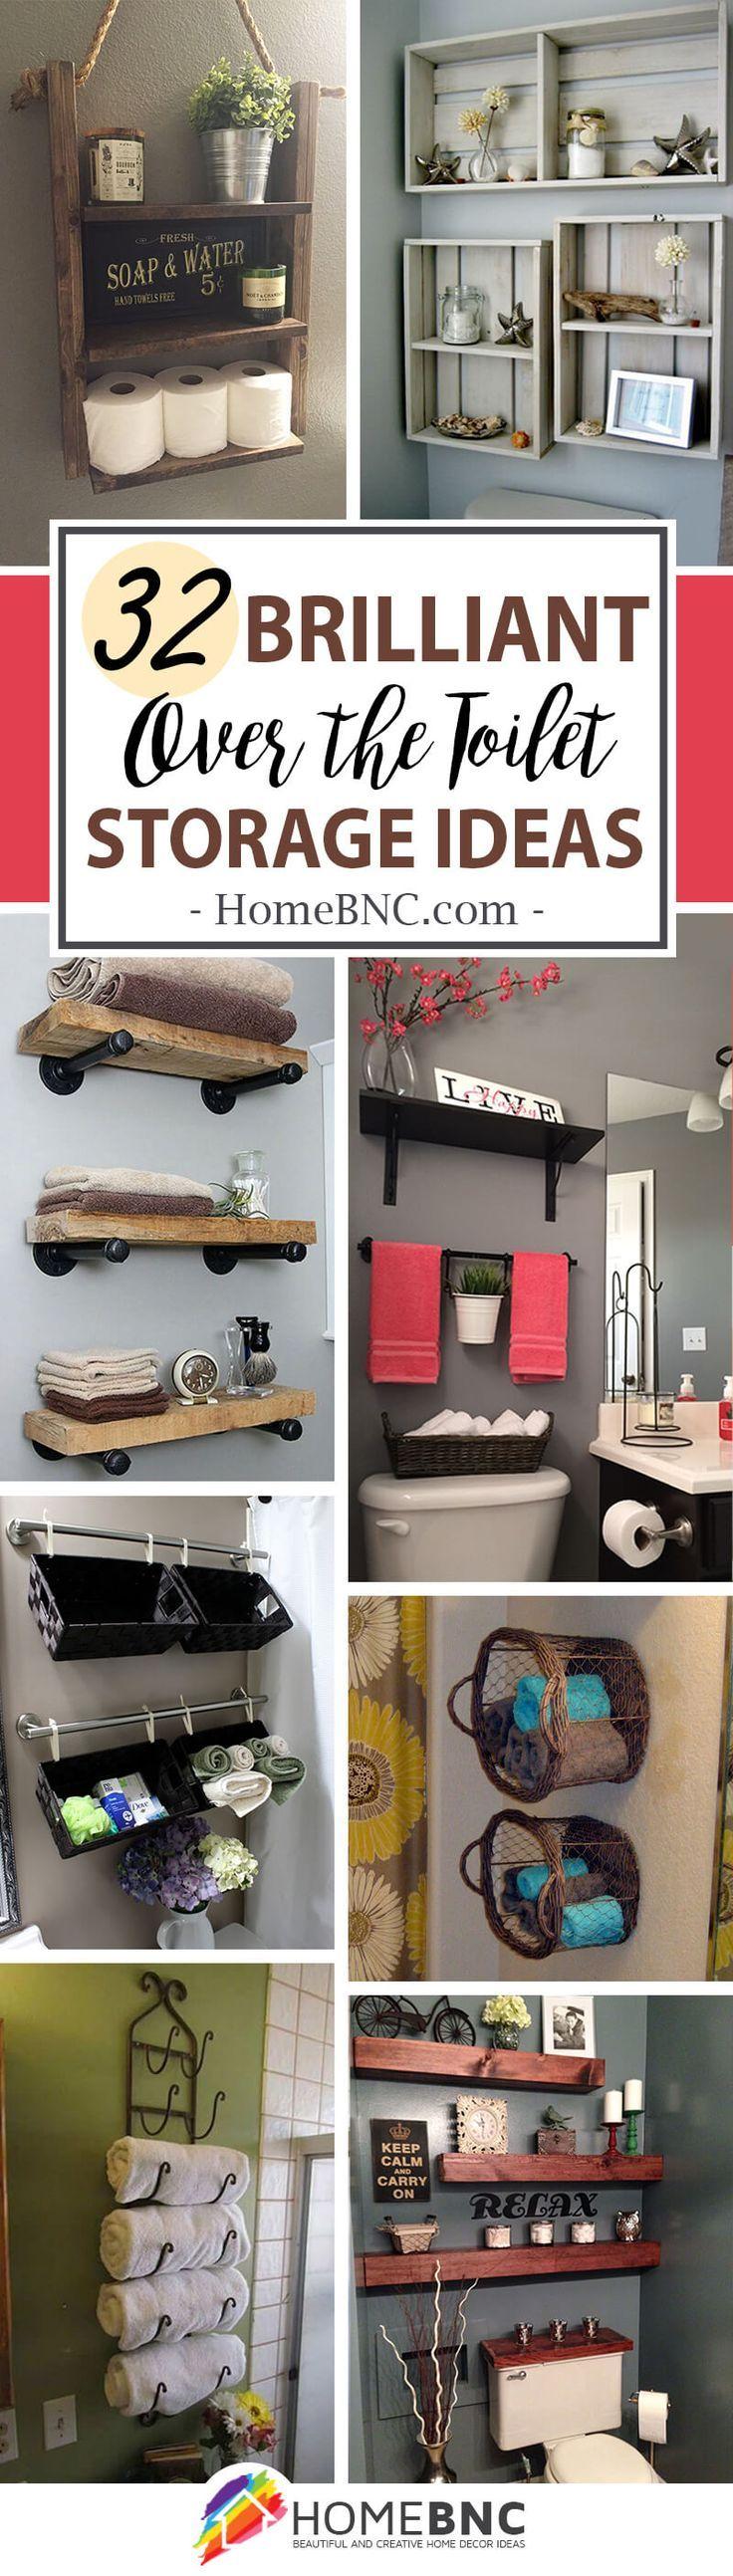 Over The Toilet Storage Decor Ideas